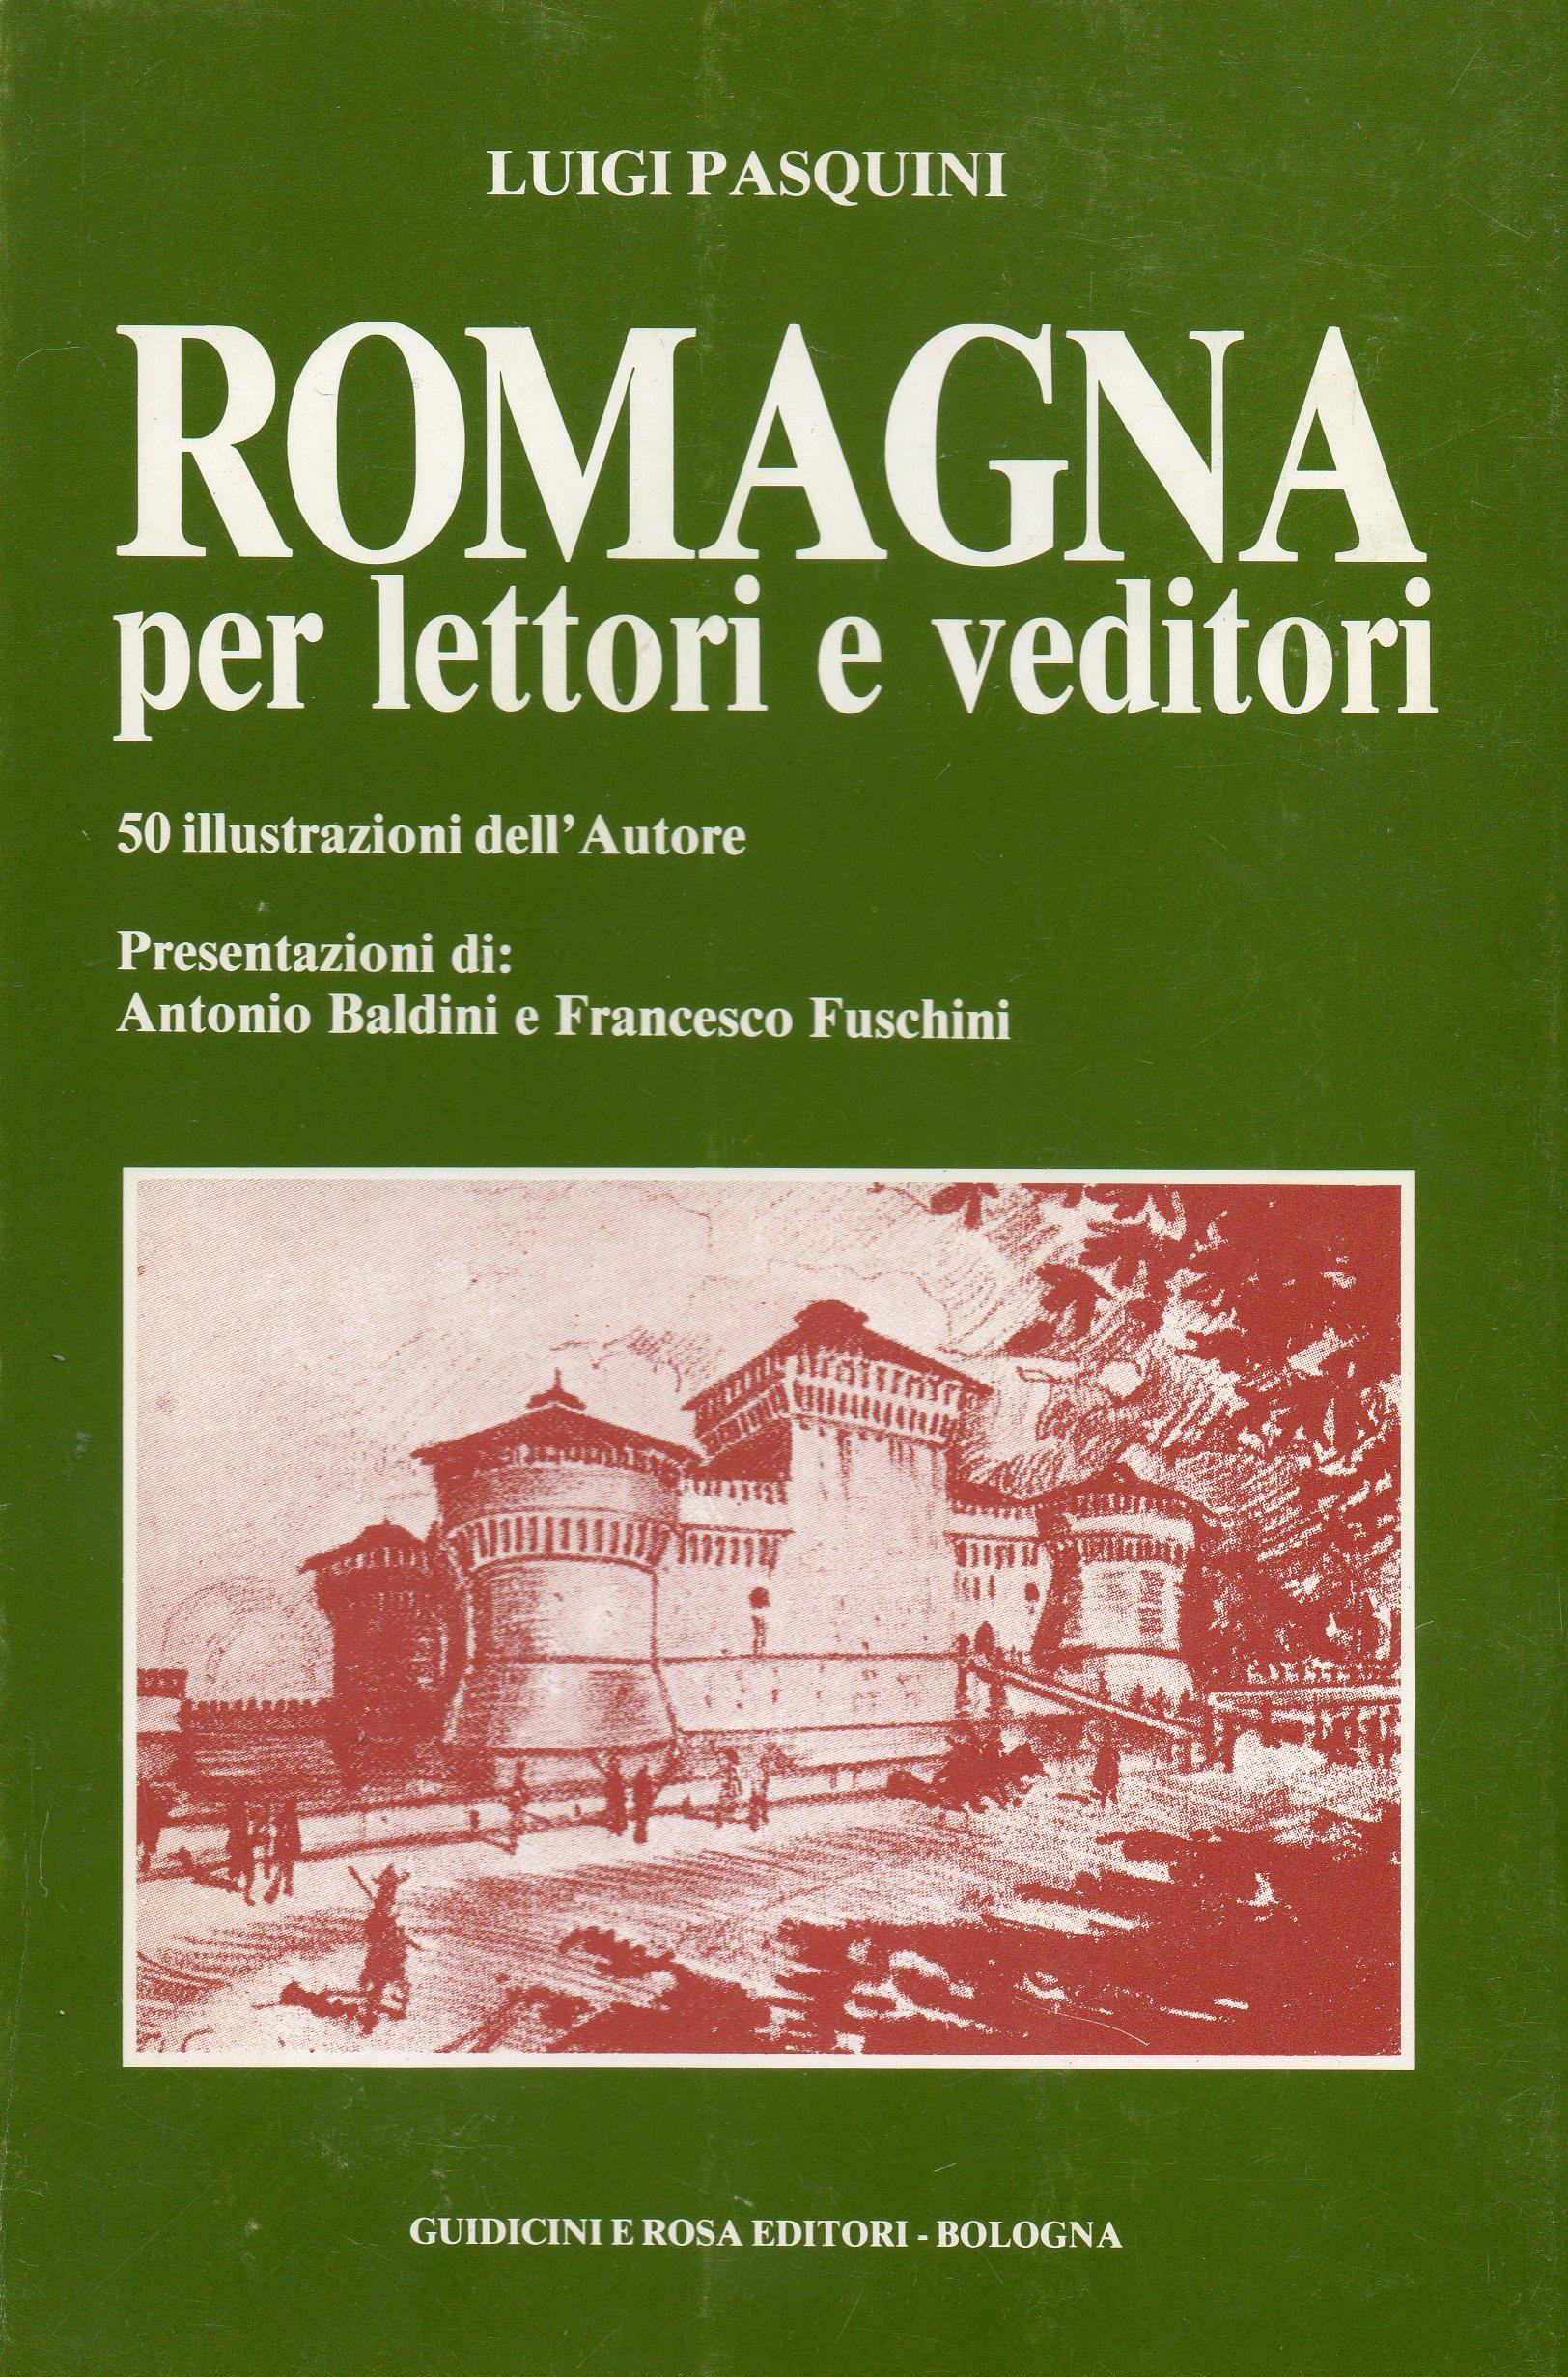 Romagna per lettori e veditori